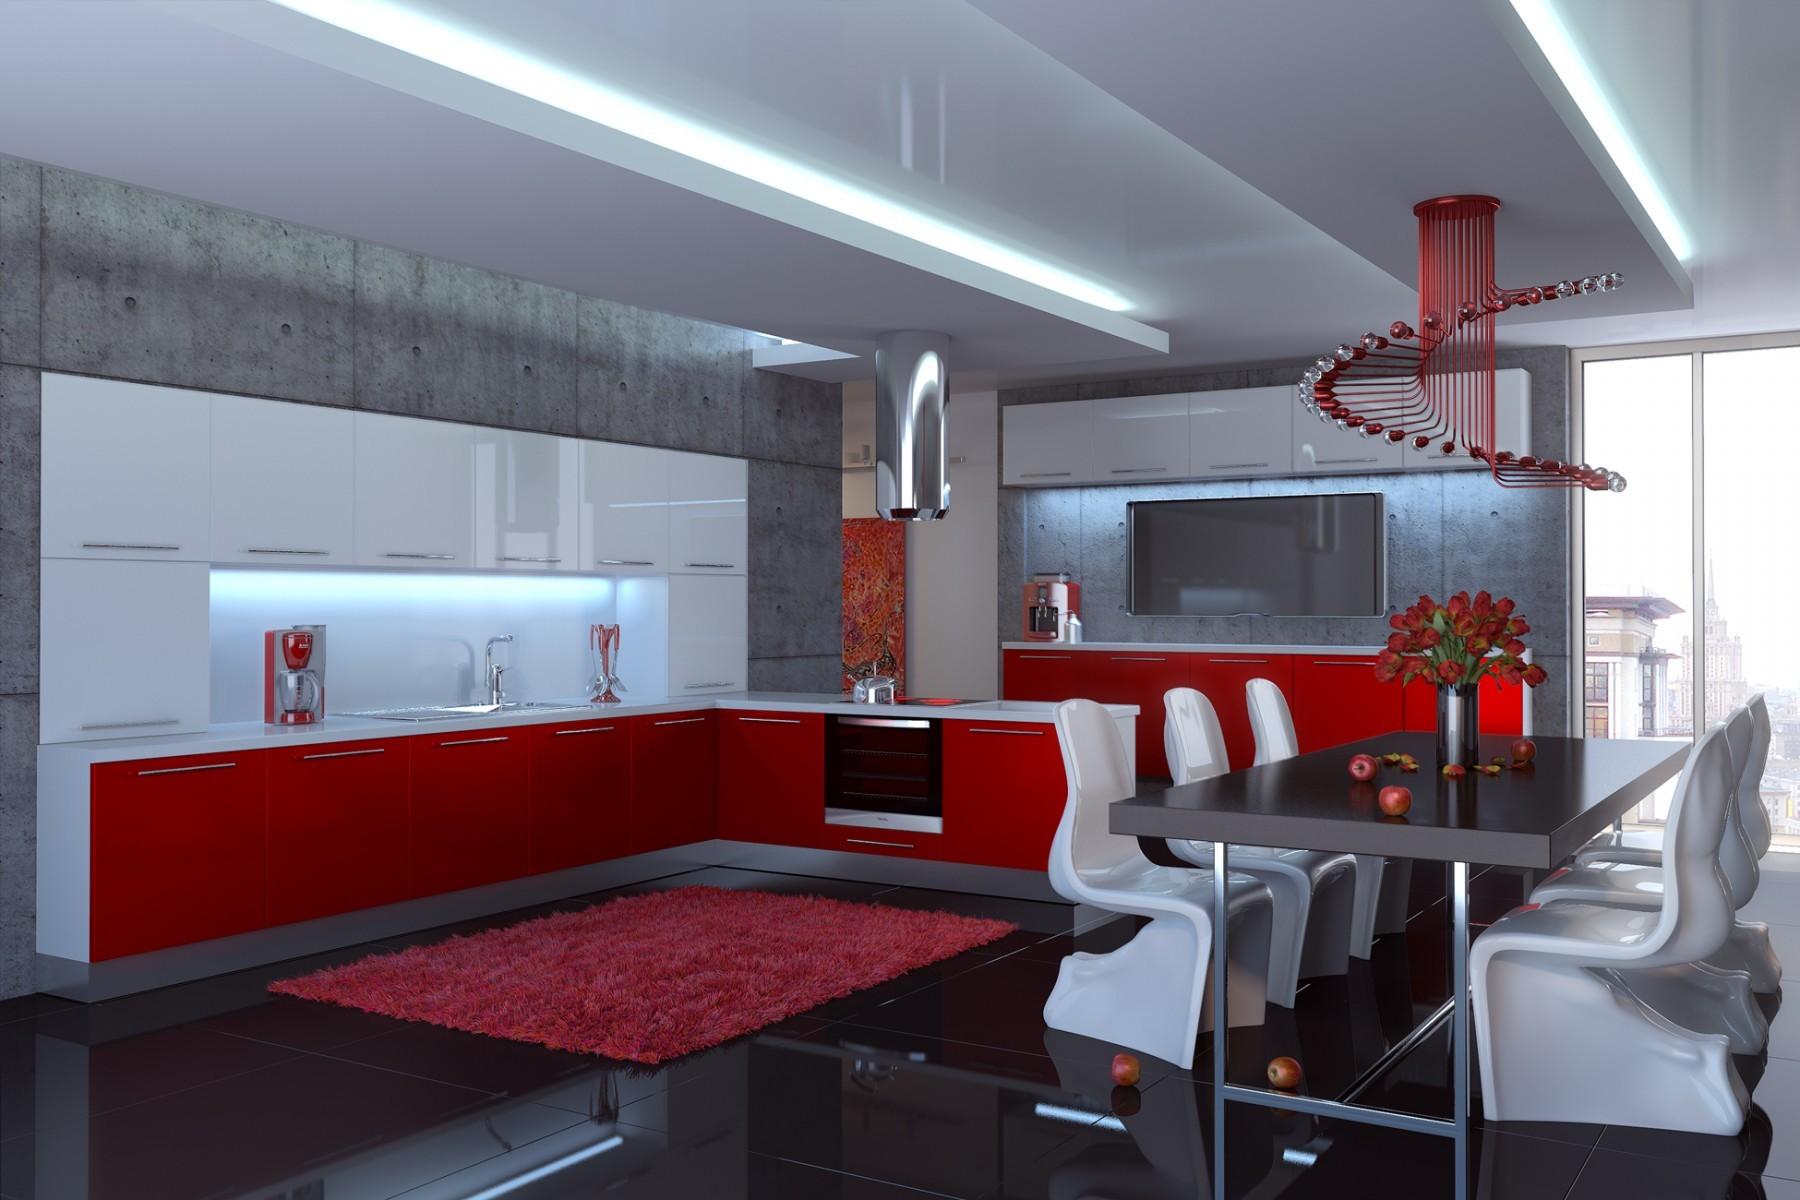 Кухня 3 в одном дизайн